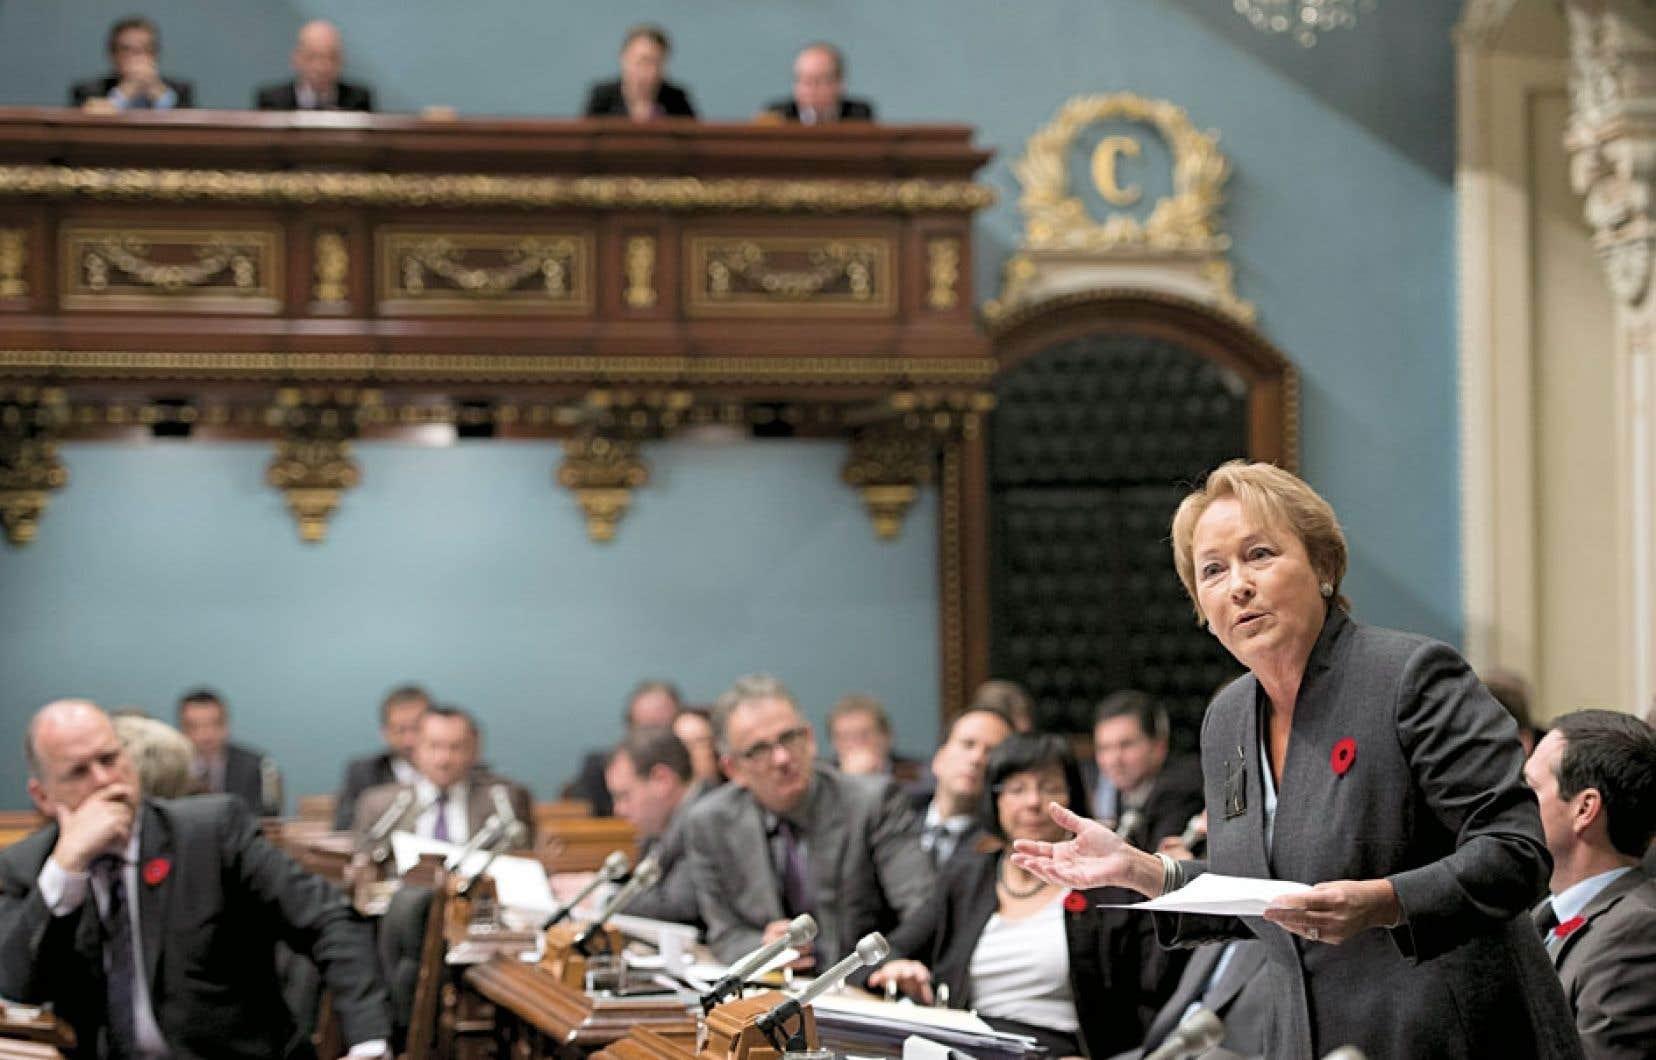 Pauline Marois : « Nous sommes en discussion avec Alcoa, et ce, au plus haut niveau. […] C'est une industrie majeure très importante pour le Québec. Elle est ici depuis longtemps. Elle y est pour y demeurer. »